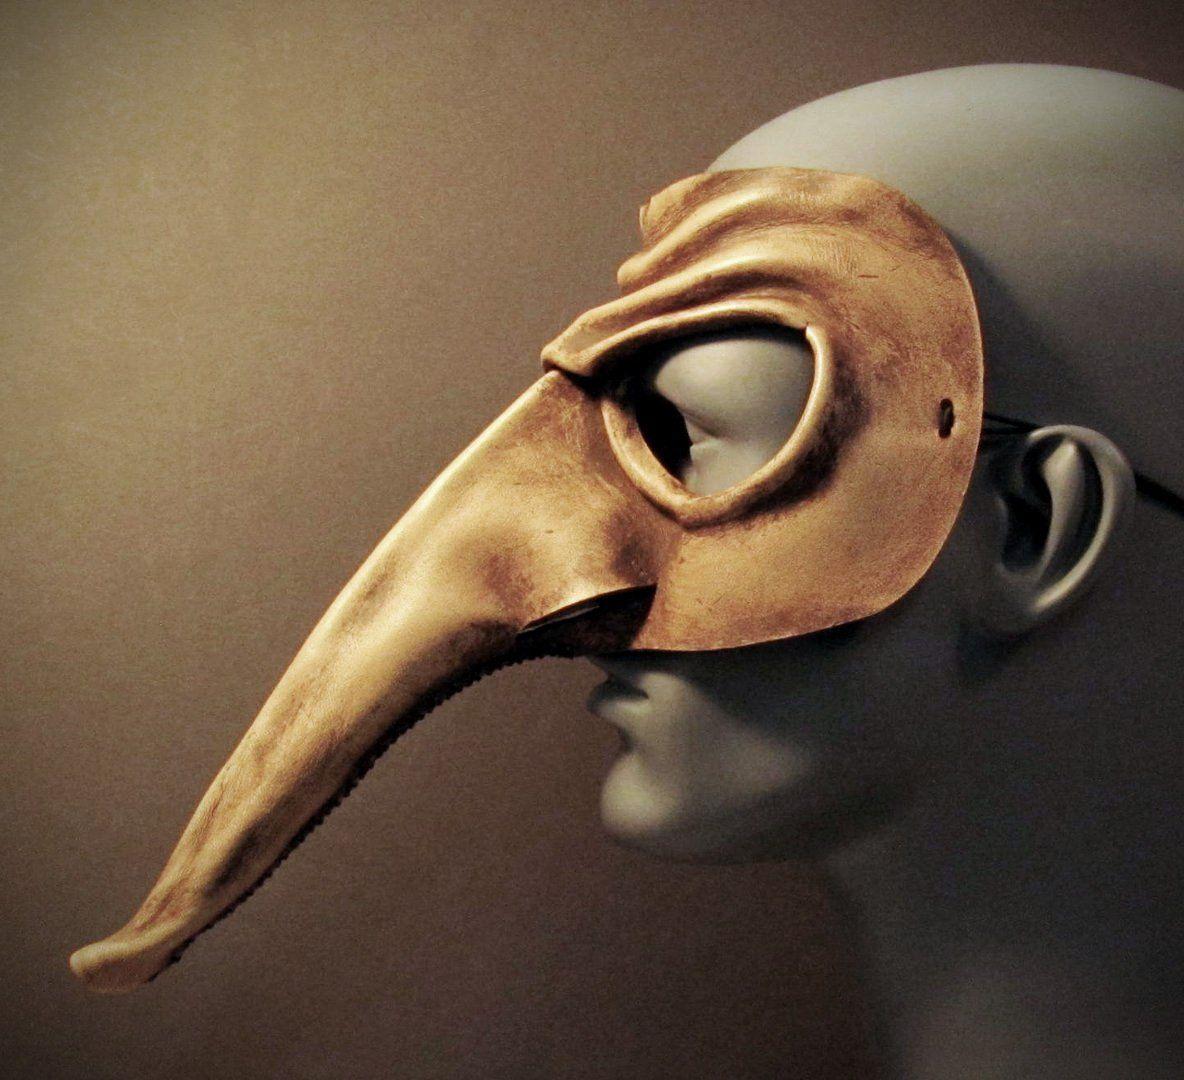 Sob a moralidade que nos é imposta, a hipocrisia é a única forma de se esquivar de uma amarga dualidade: ou negar e reprimir o que se quer fazer, os desejos, os impulsos, ou realiza-los e ser mal visto, além de atormentado pela culpa. http://obviousmag.org/filosofia_de_esquina/2015/um-olhar-compreensivo-sobre-a-hipocrisia.html